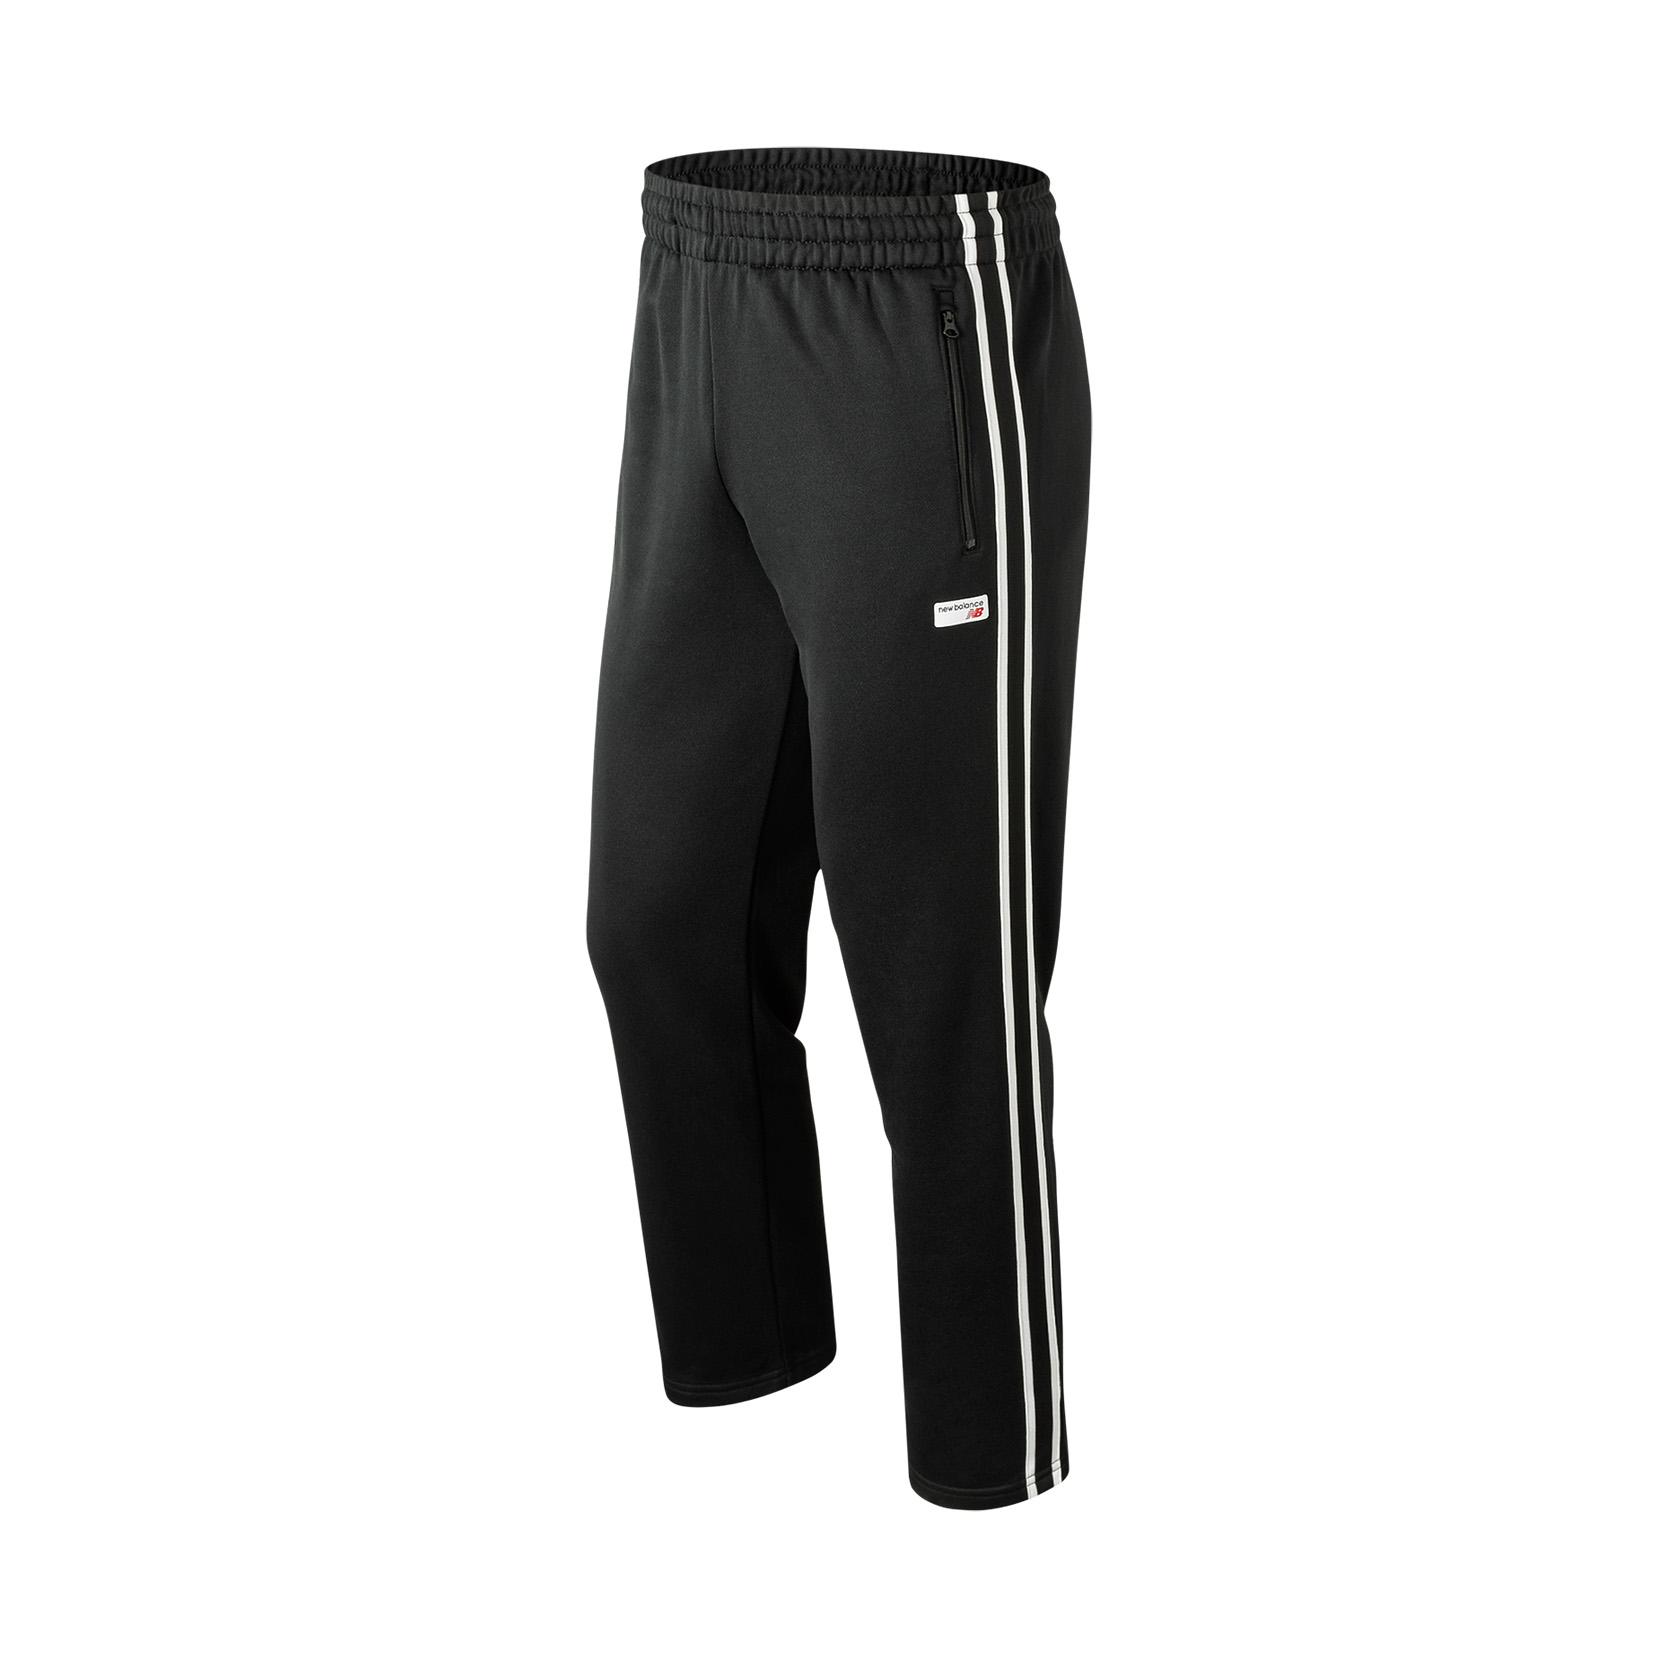 Спортивні брюки NB Athletics Track для чоловіків MP91557BK  9573e1503ccd2